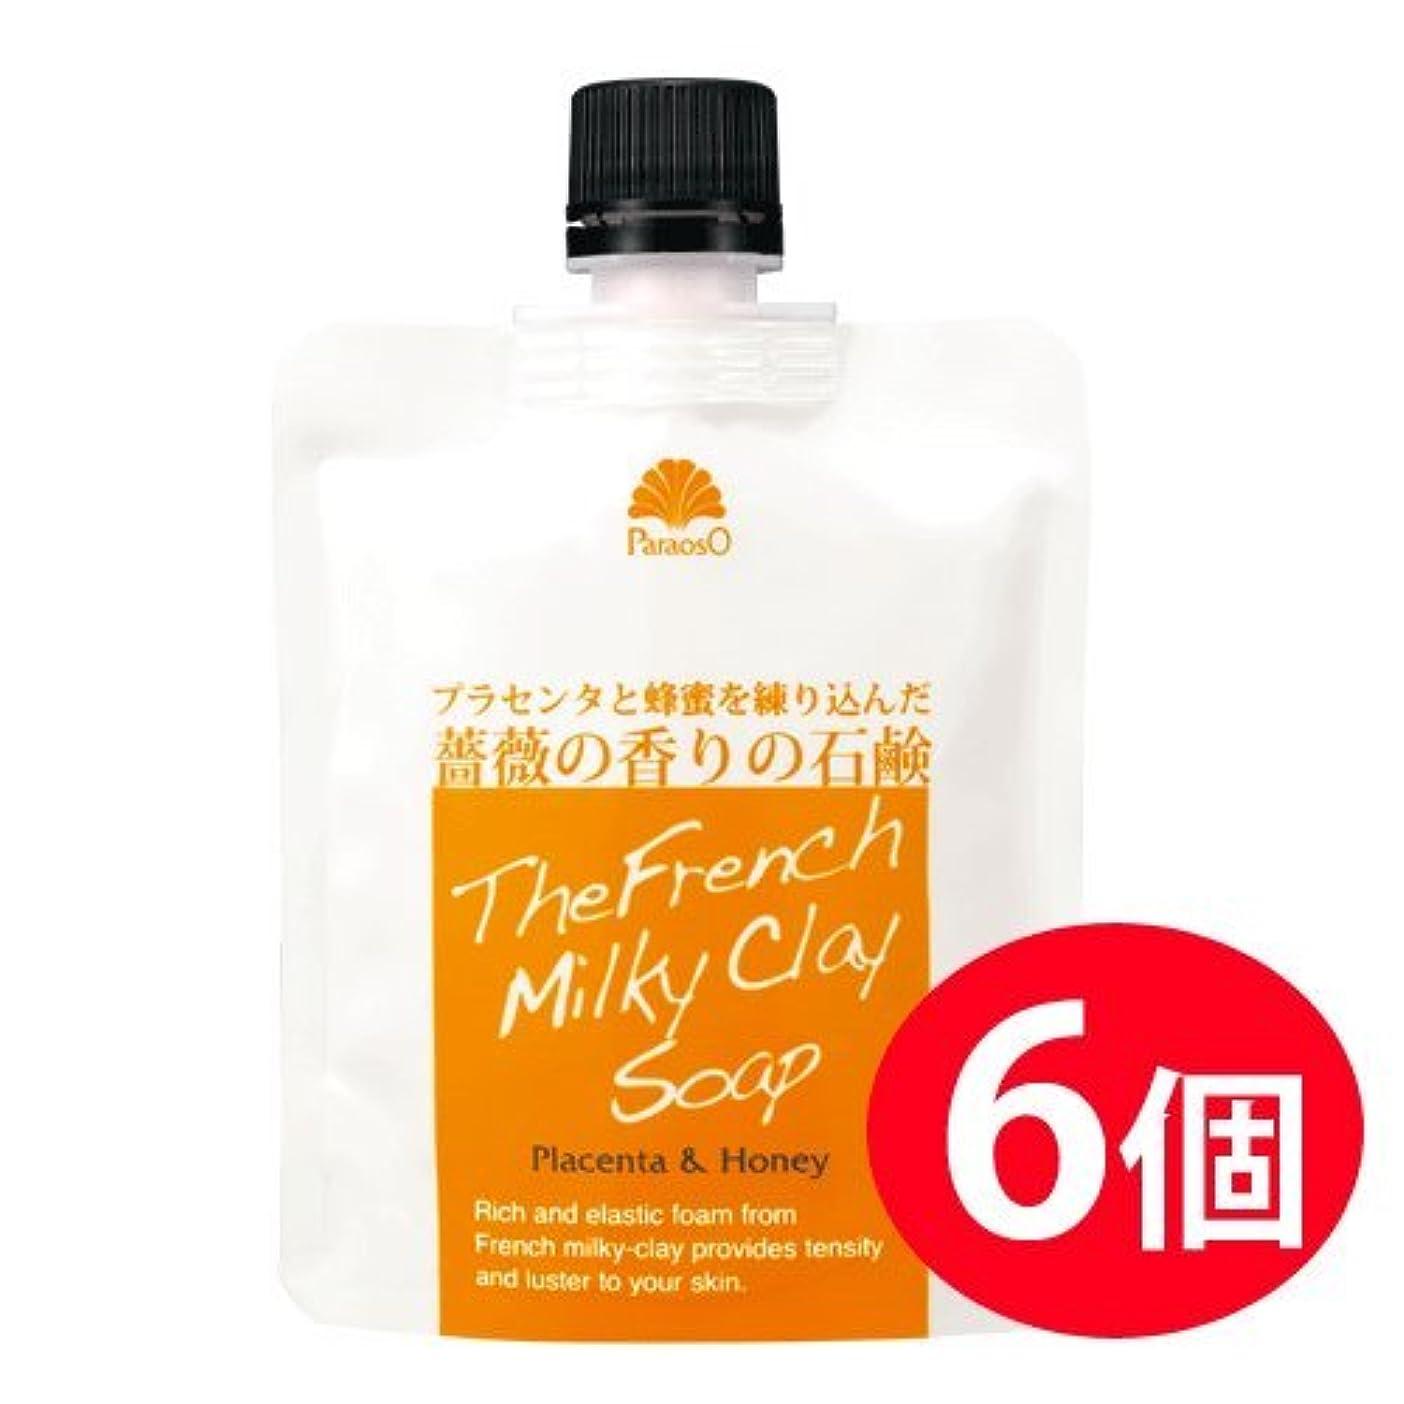 ウェブ雄弁な印をつけるプラセンタと蜂蜜を練り込んだ薔薇の香りの生石鹸 パラオソフレンチクレイソープ 6個